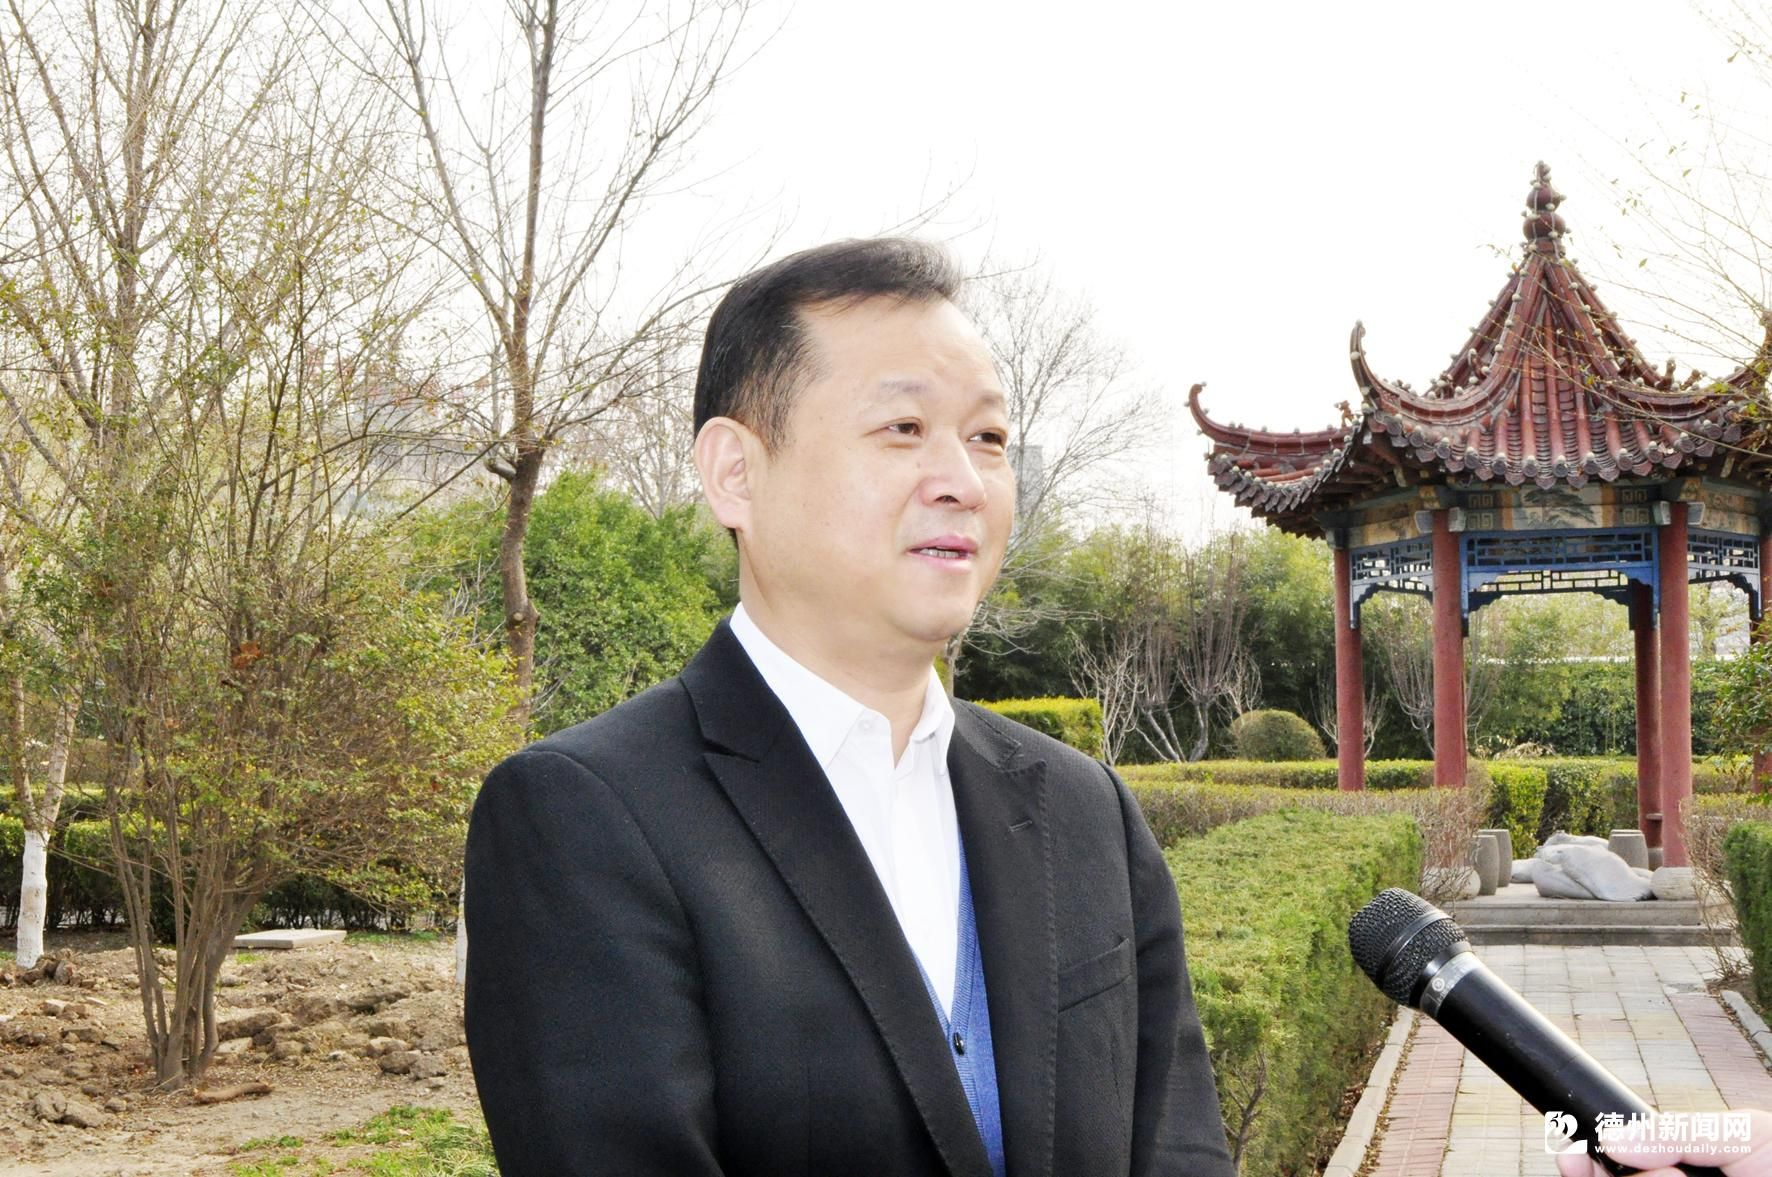 给齐河营商环境点赞——访山东省温州商会会长、山东连城置业有限公司董事长陆建林